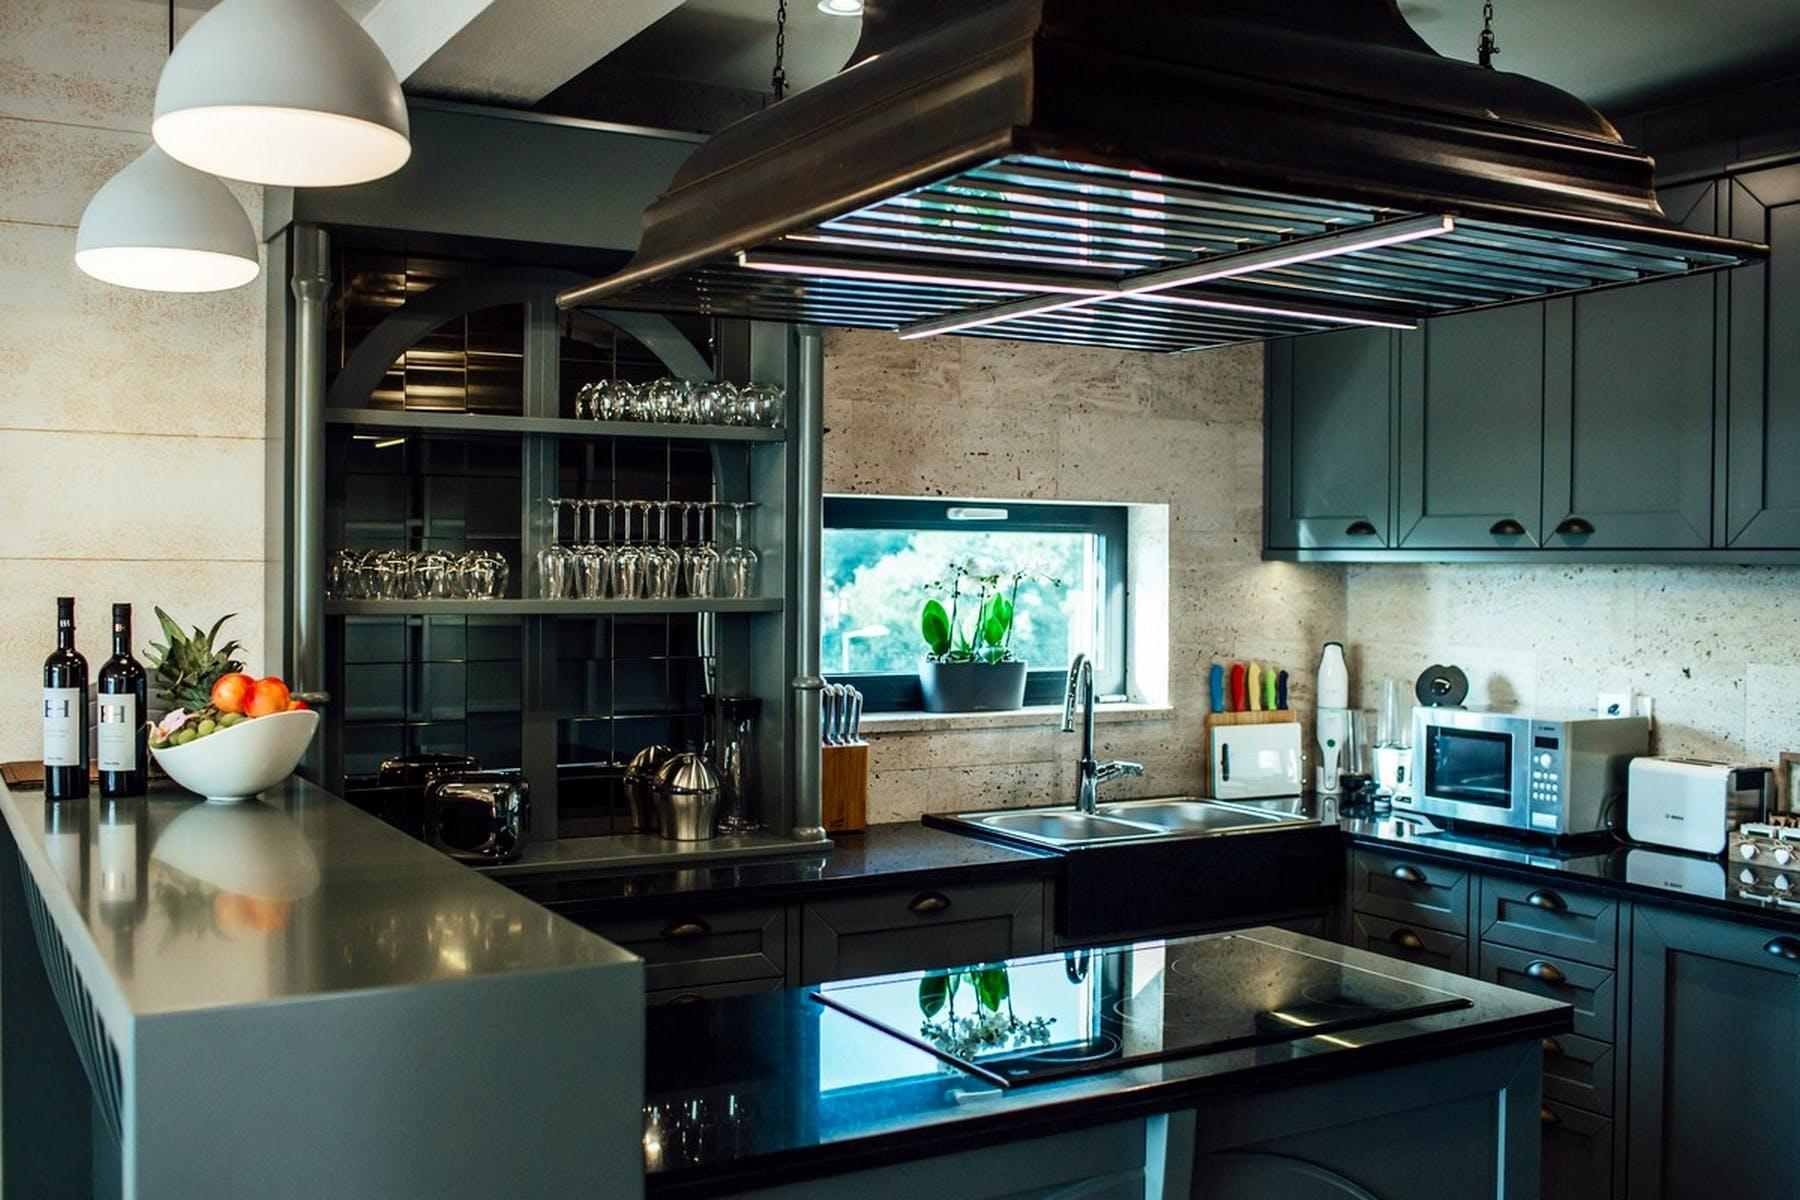 Modern design of the kitchen